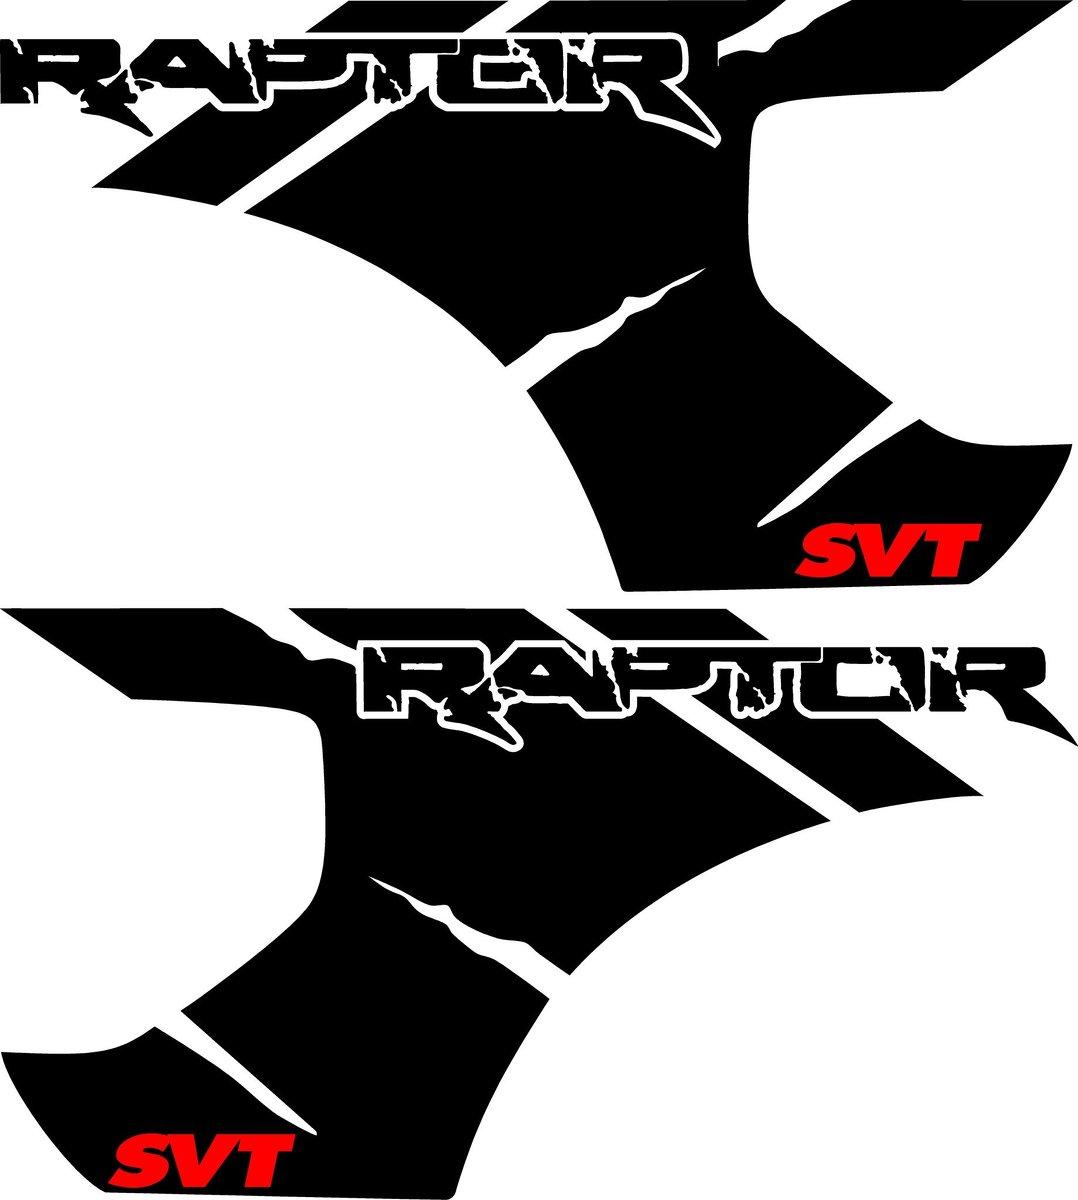 FORD RAPTOR F-150 SVT Bett Vinyl Grafik Aufkleber Aufkleber passt Modelle 2010-2014 2 Farben